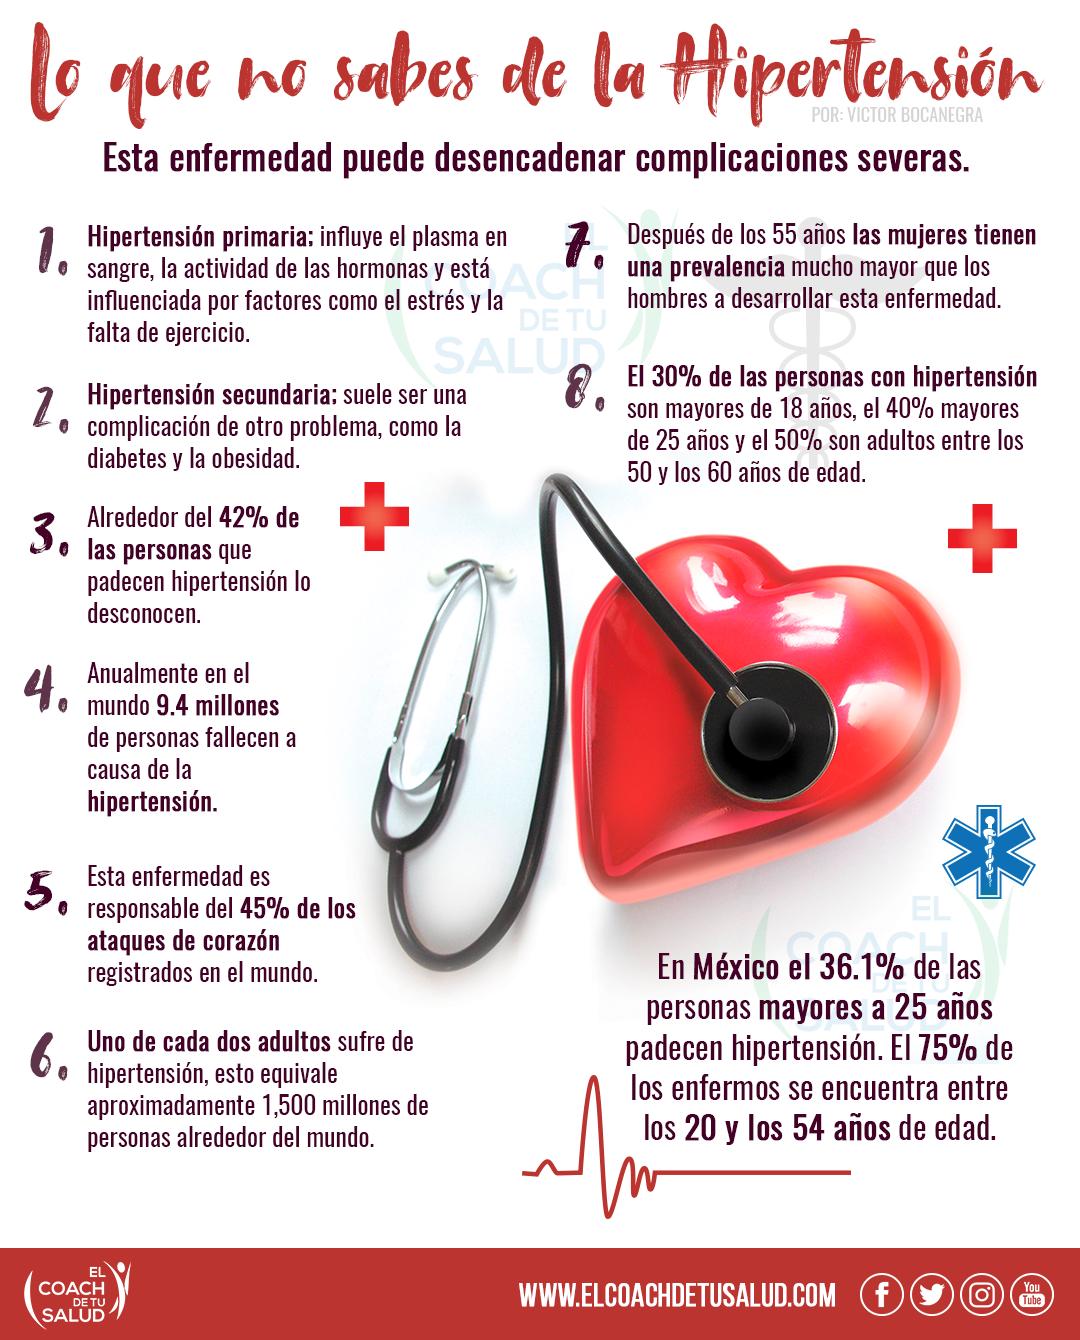 Las cosas sobre Hipertensión cardiaca lo más probable es que no hubiera pensado Y realmente debería